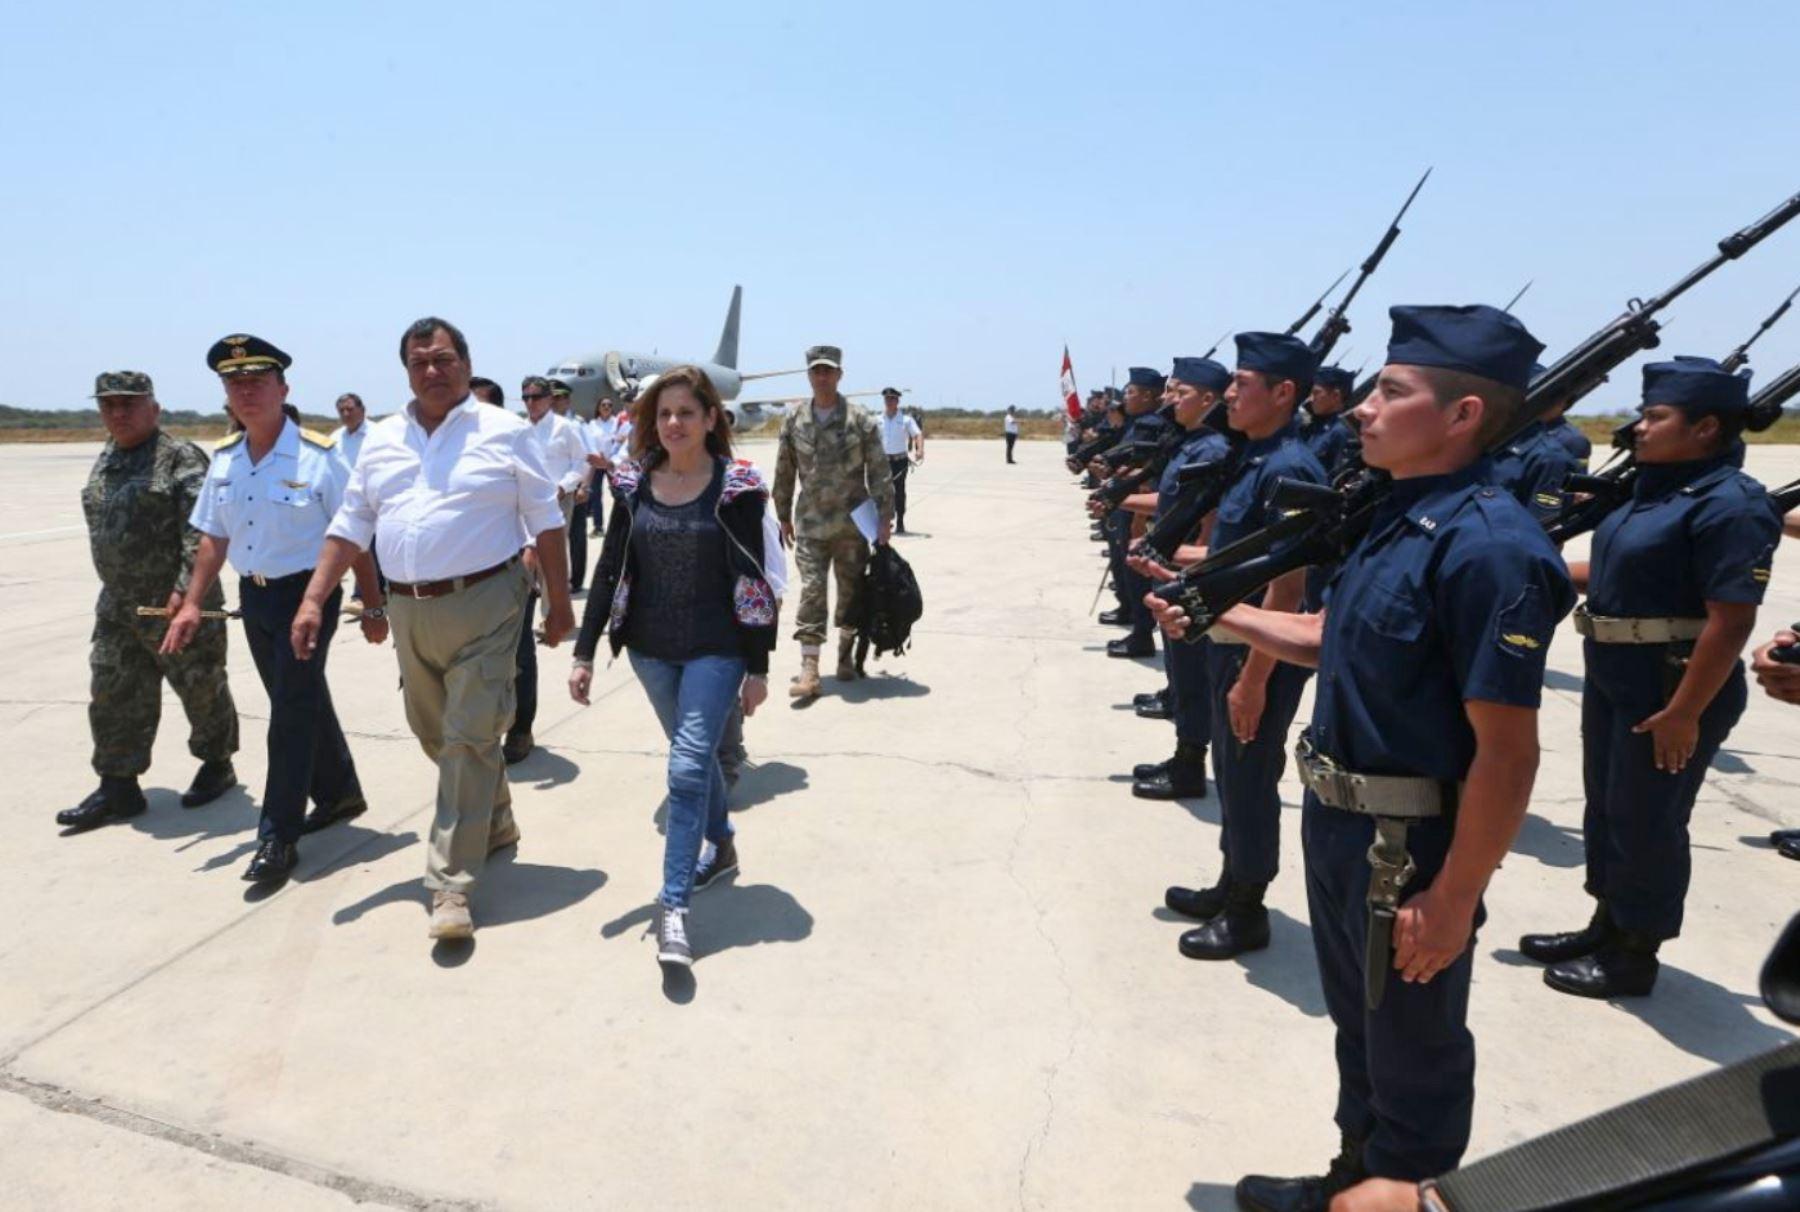 La jefa del Gabinete Ministerial, Mercedes Aráoz, llega a la ciudad de Piura para visitar diferentes obras relacionadas a la reconstrucción por los desastres naturales ocasionados por el fenómeno de El Niño costero.Foto: ANDINA/ MINDEF